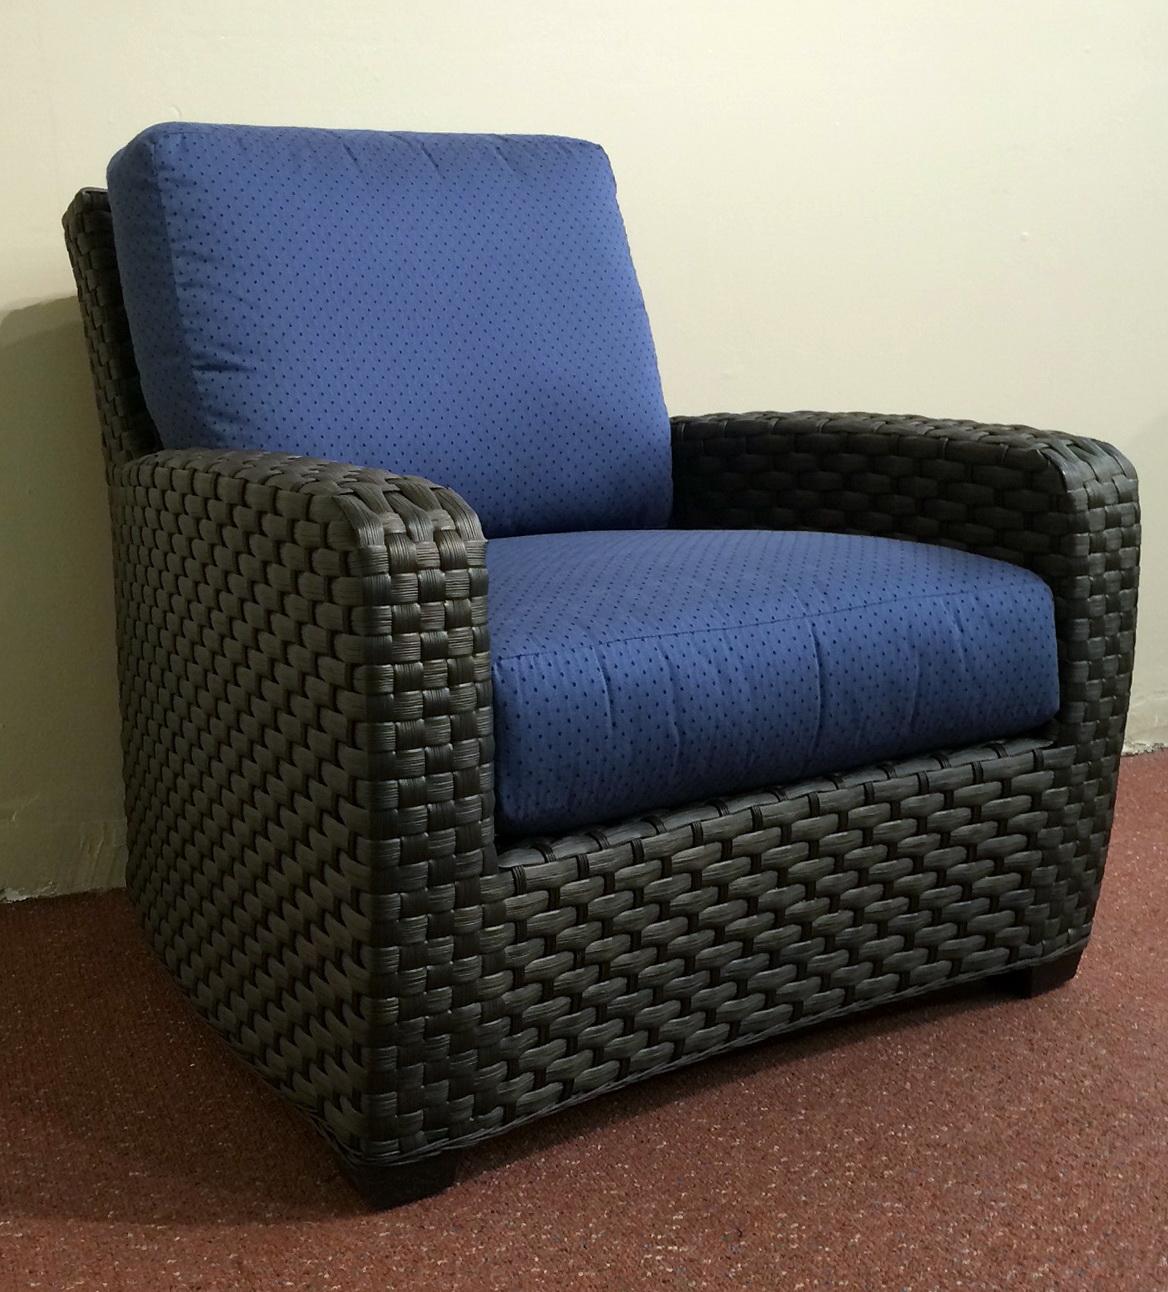 Patio Cushions Clearance Closeout: Cheap Patio Cushions Clearance